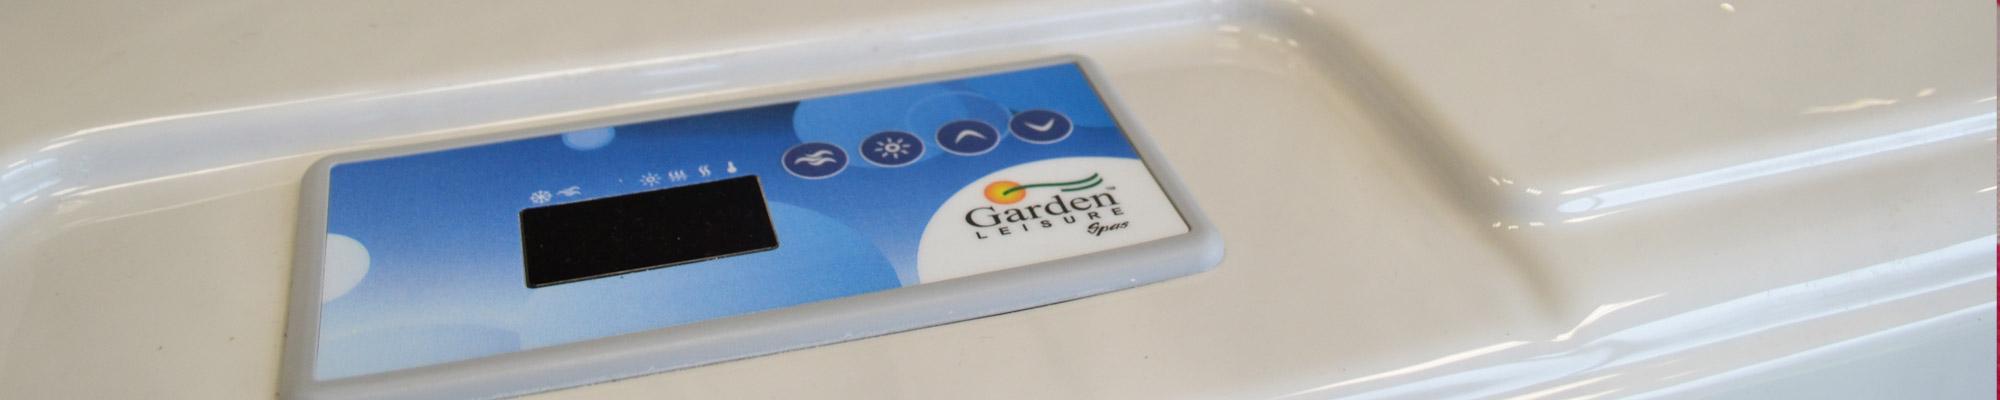 garden_leisure1